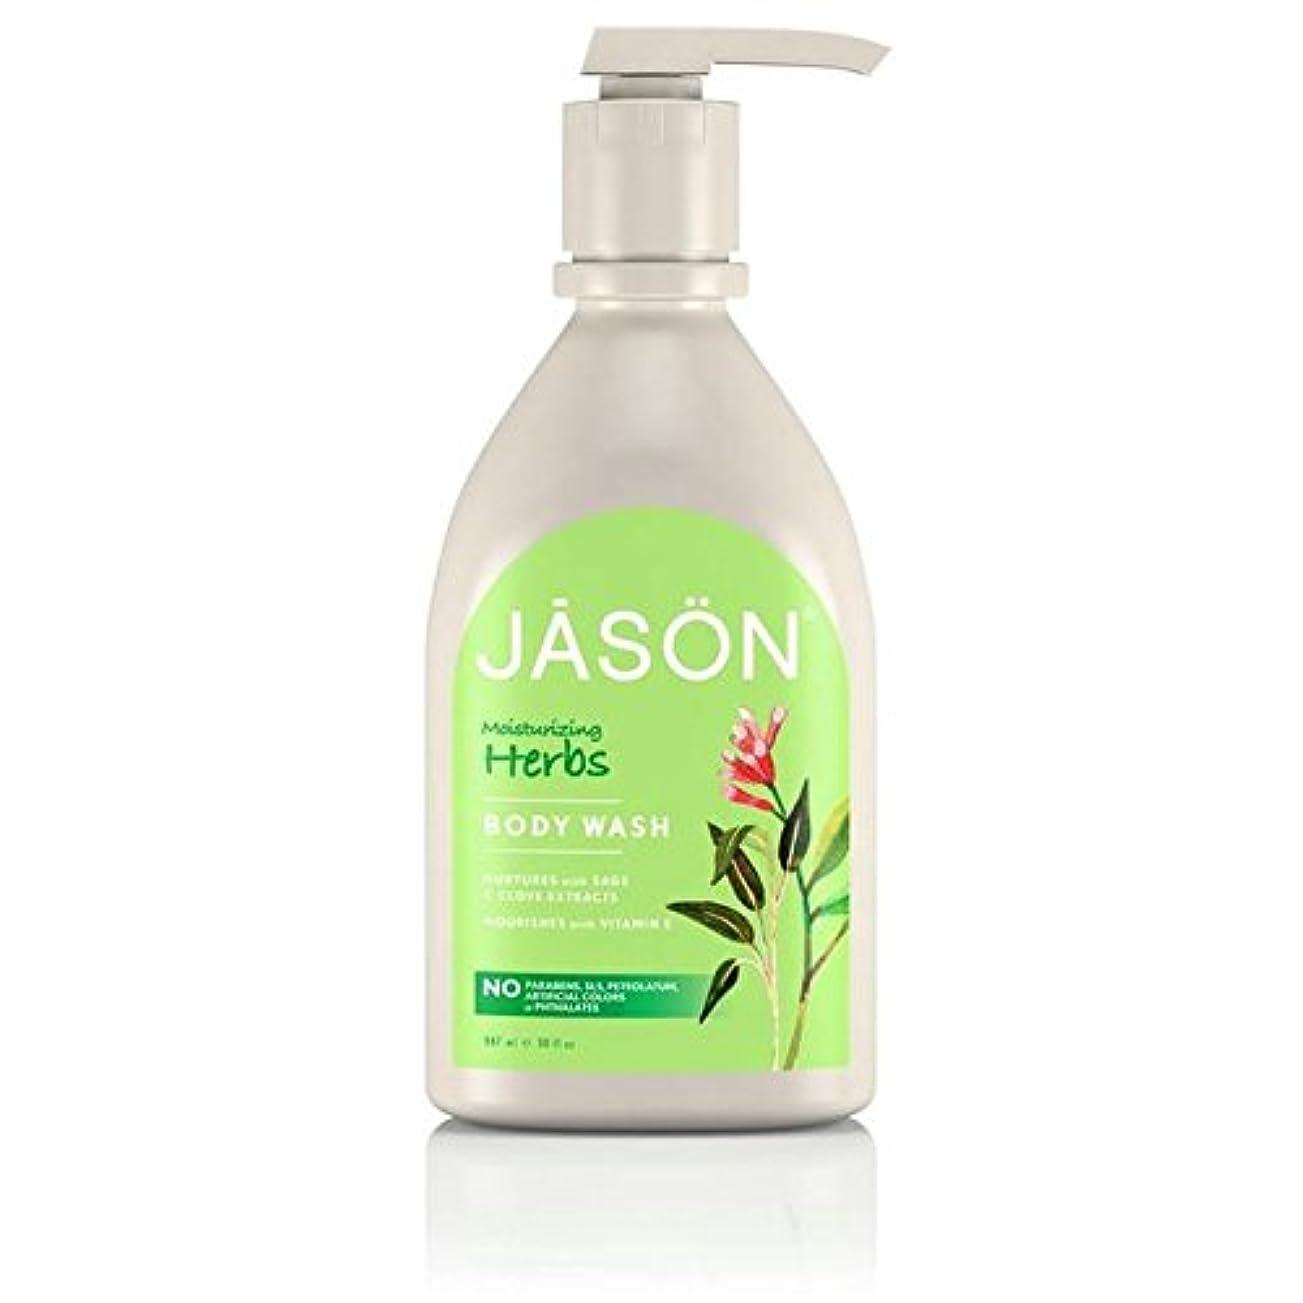 のスキニーリットルJason Herbal Satin Body Wash Pump 900ml (Pack of 6) - ジェイソン?ハーブサテンボディウォッシュポンプ900ミリリットル x6 [並行輸入品]